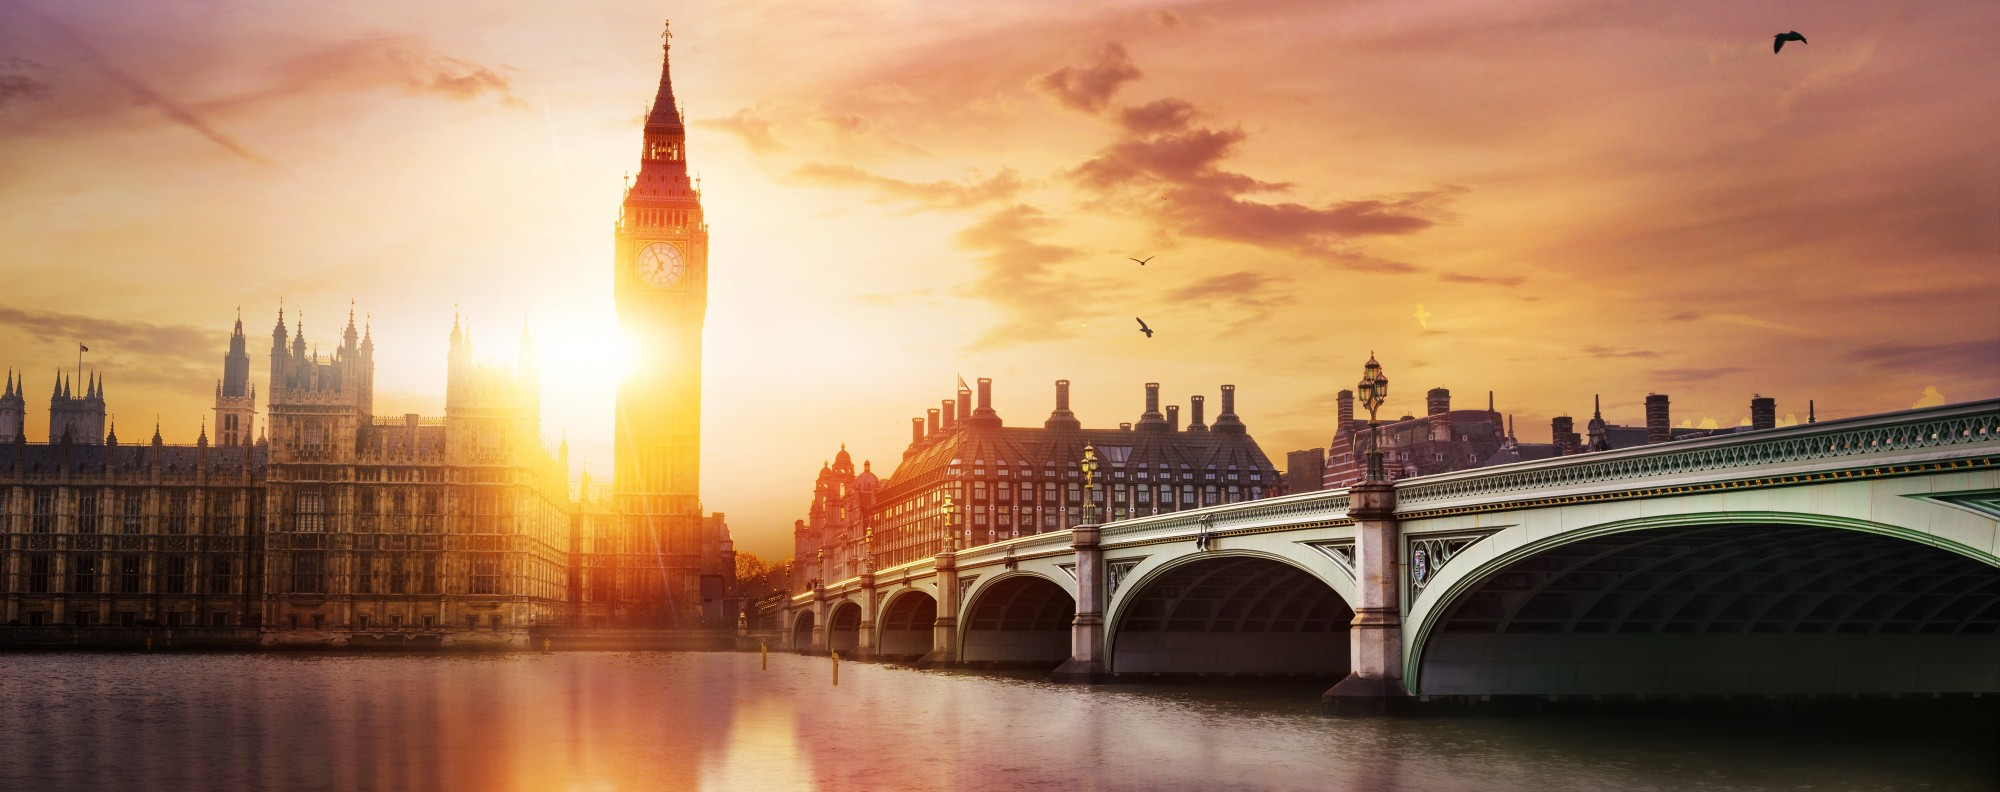 Big Ben, in London.